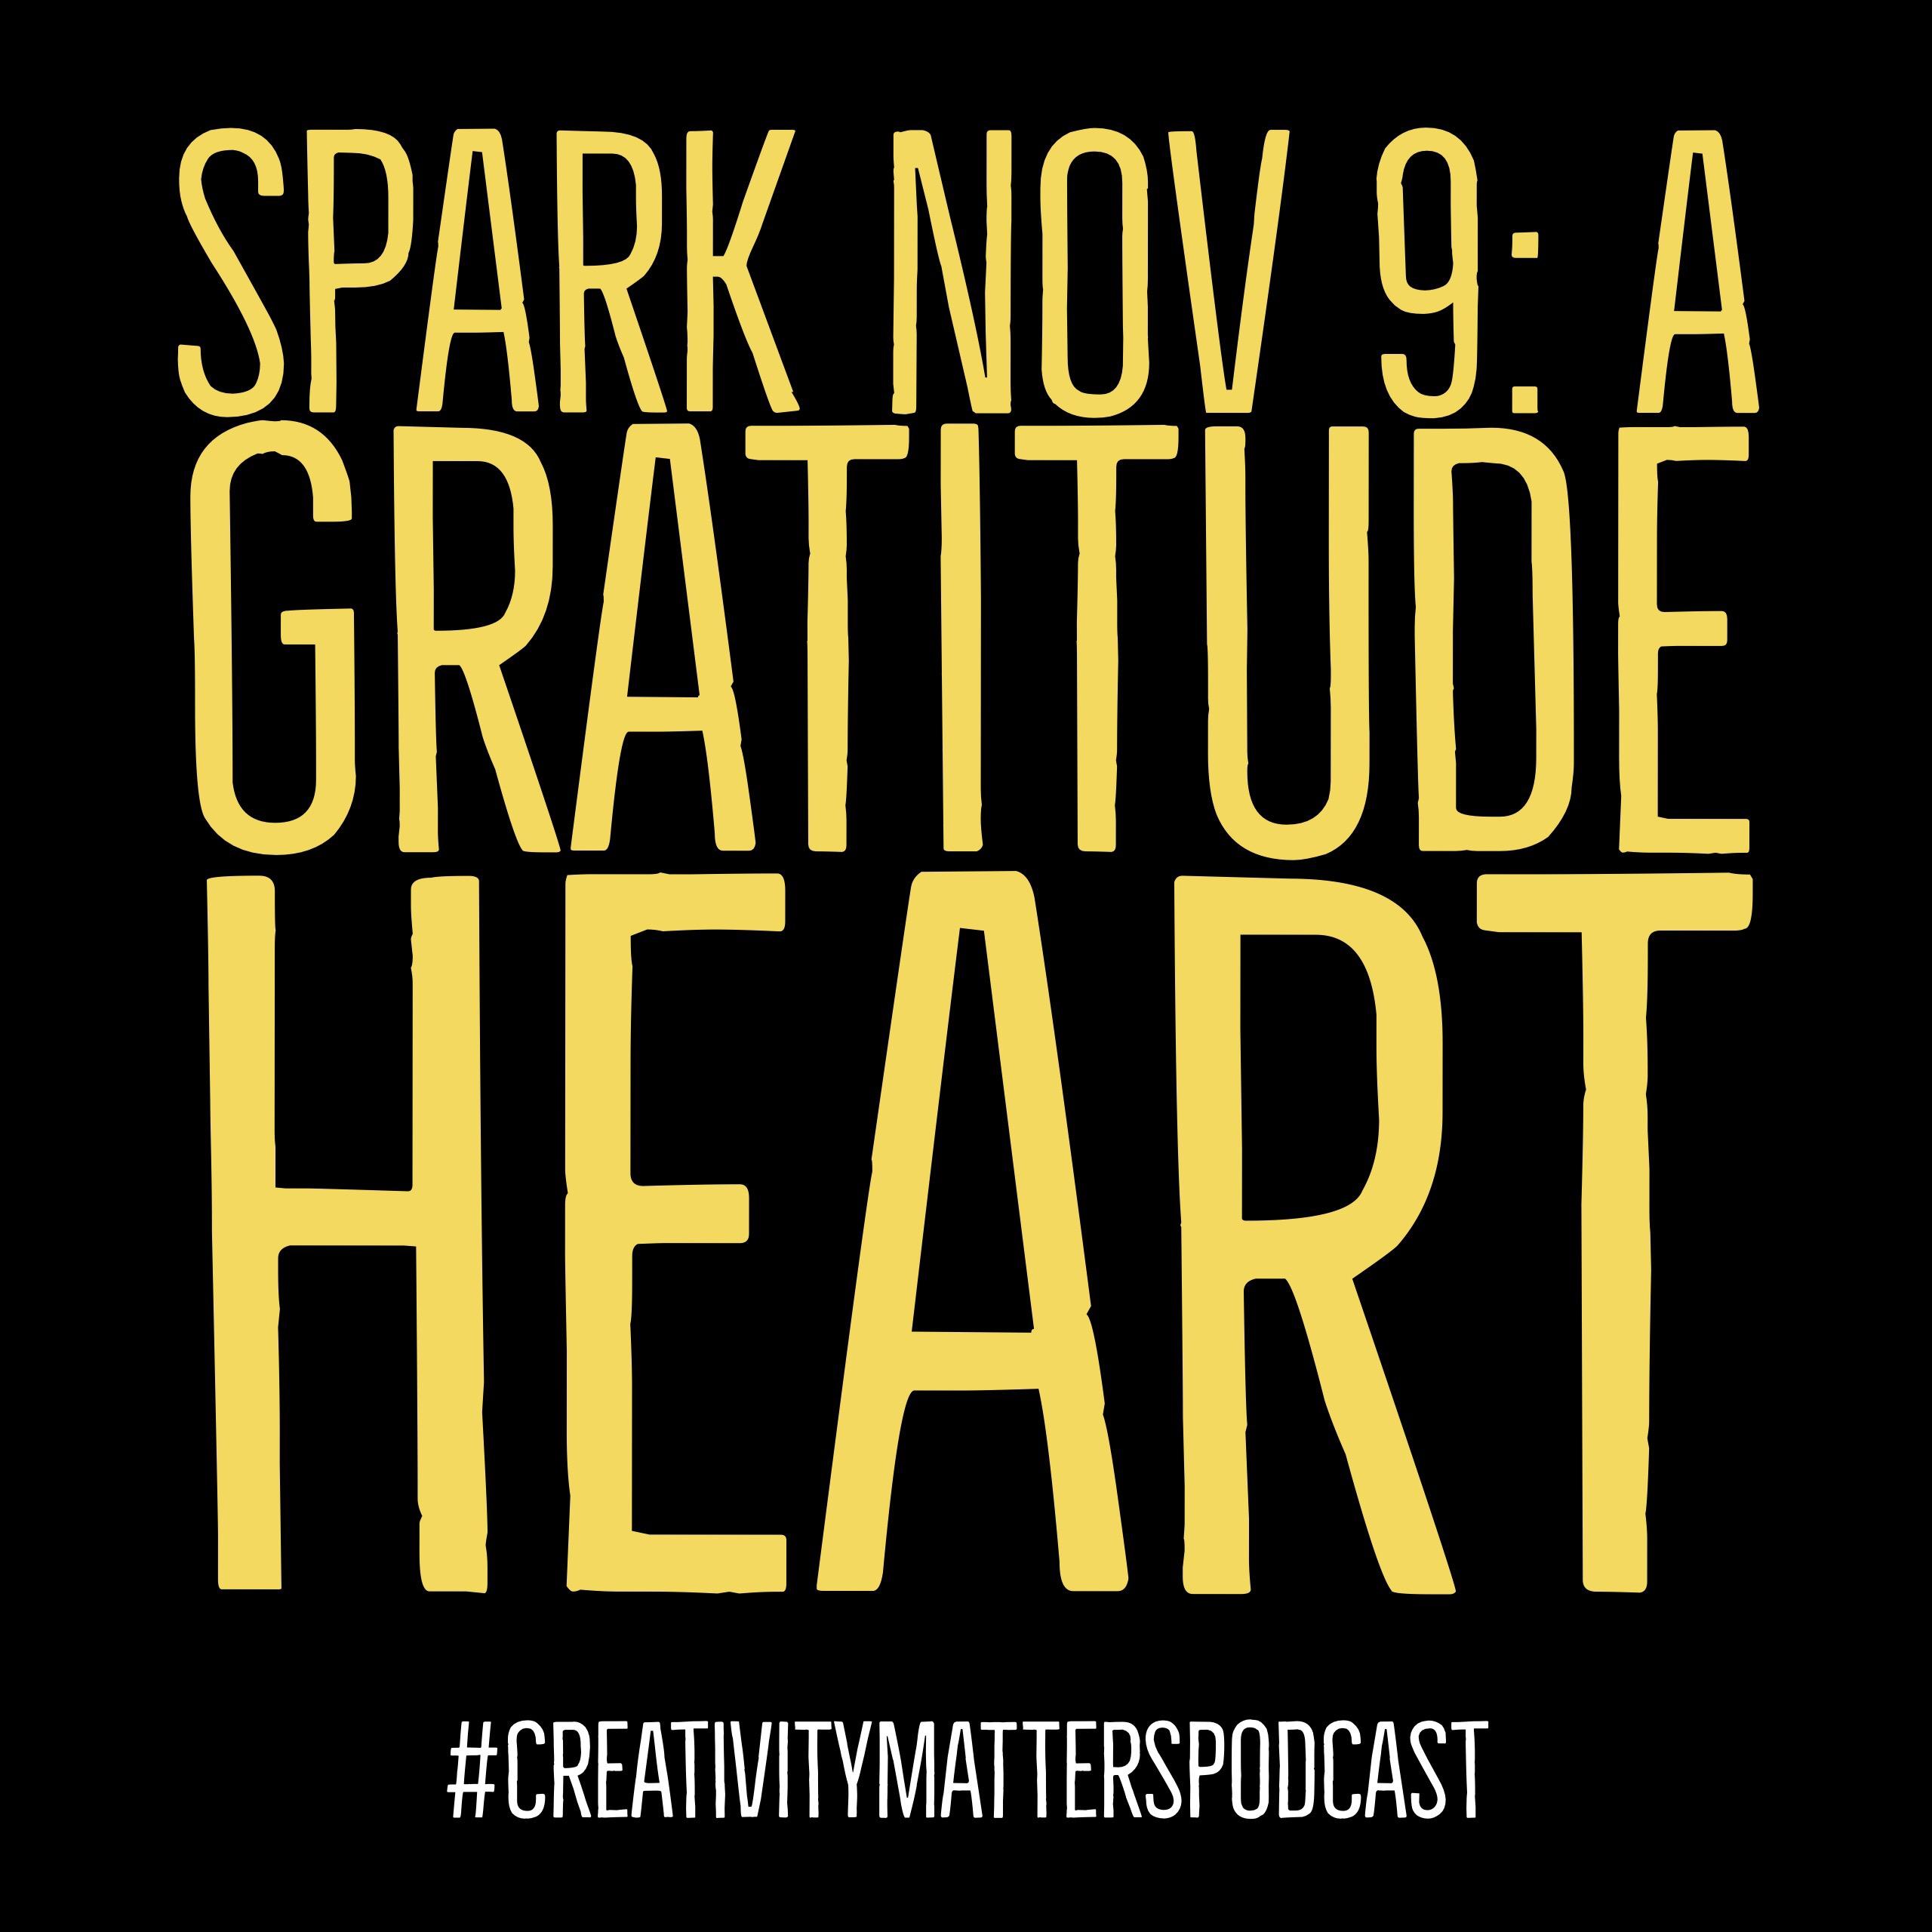 Spark 9: A Gratitude Heart